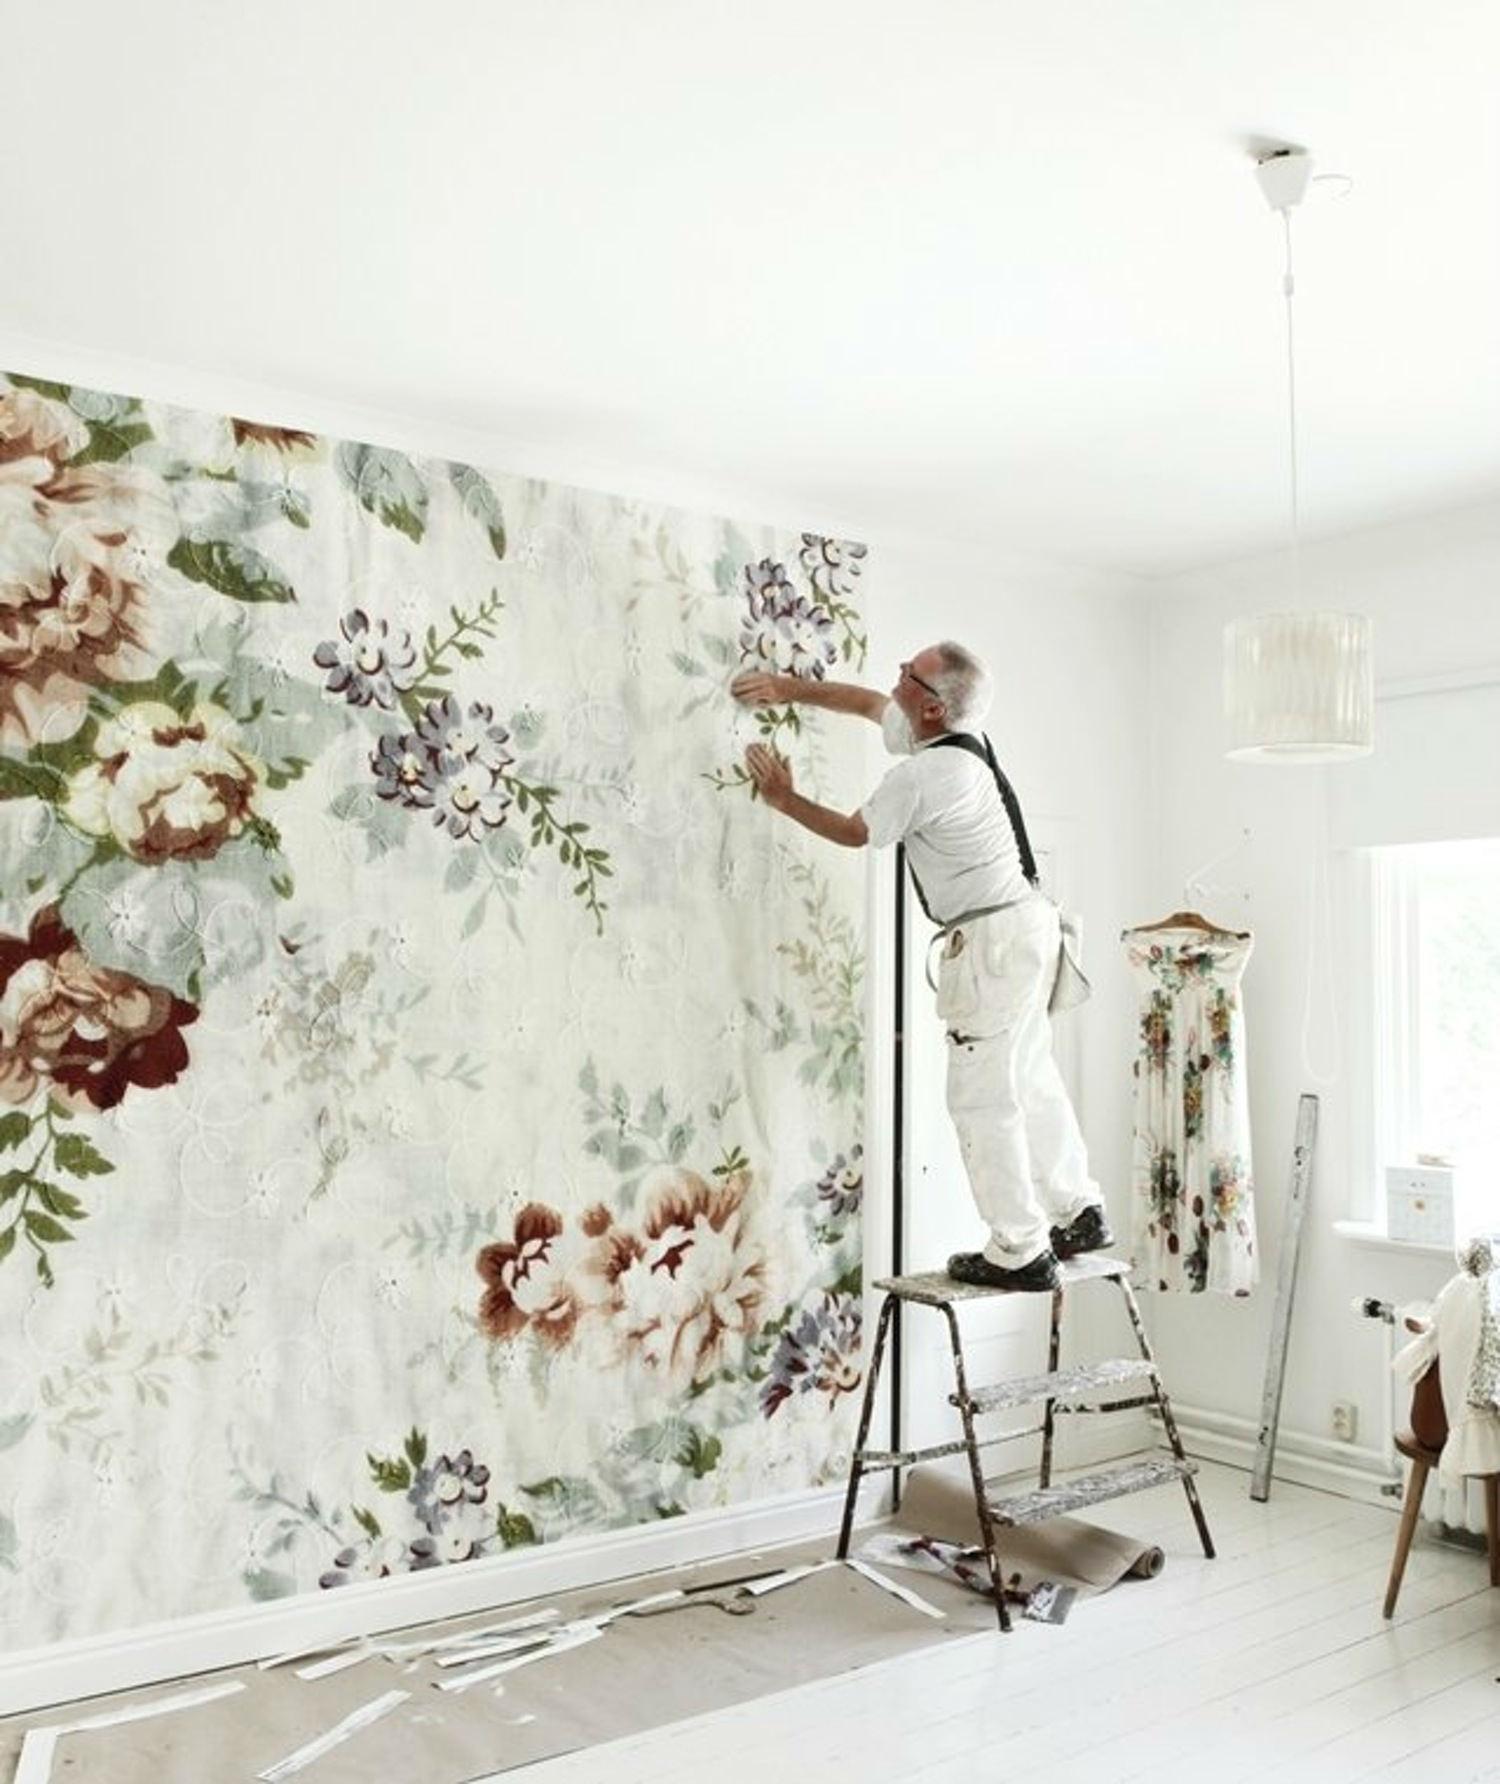 f1a89e772cd empapelar la pared con los nuevos papeles pintados es super fácil